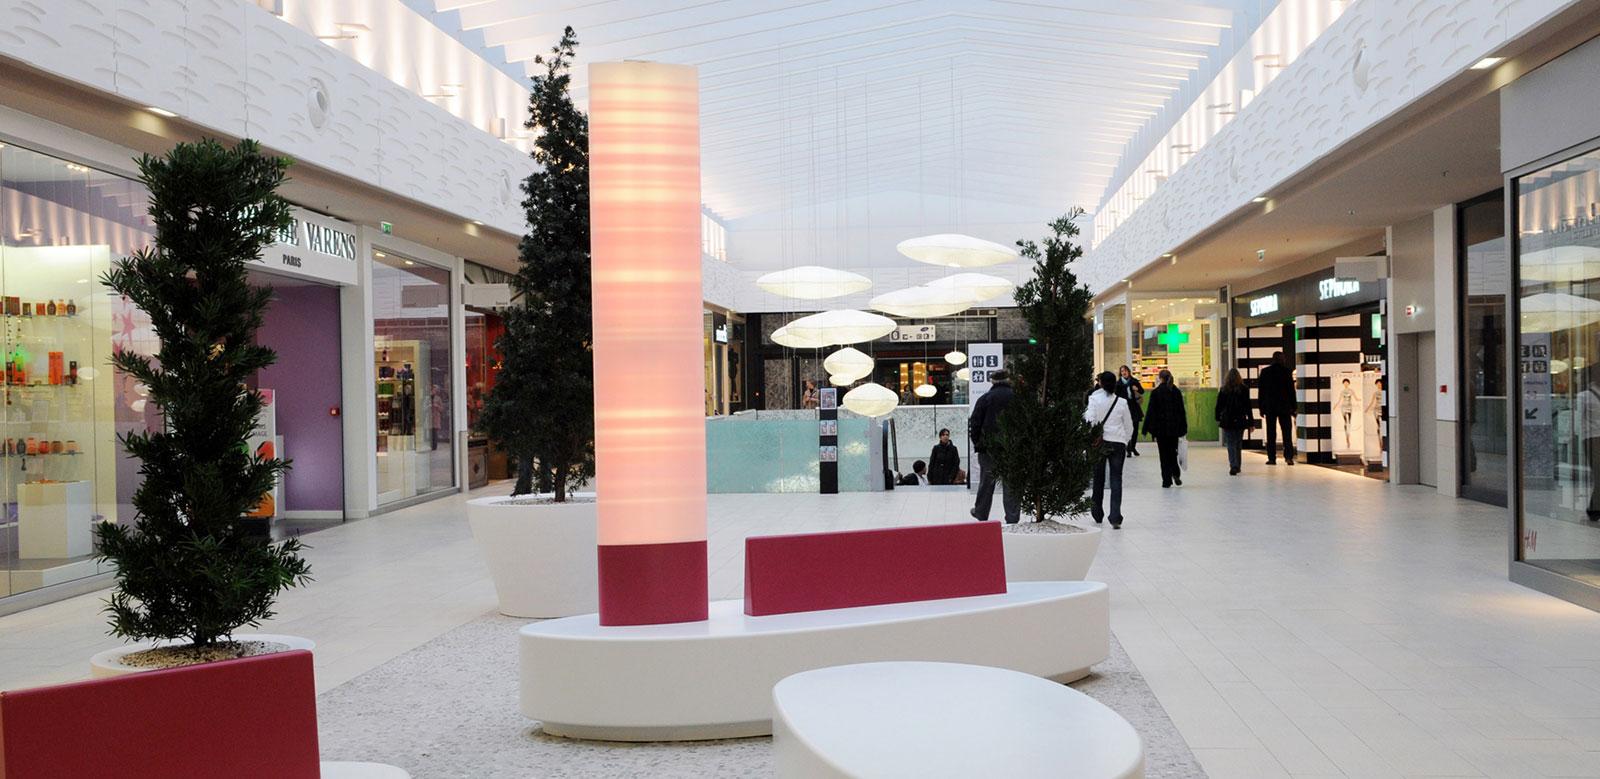 Merat workteam dedans dehors - Centre commercial rivetoile strasbourg ...